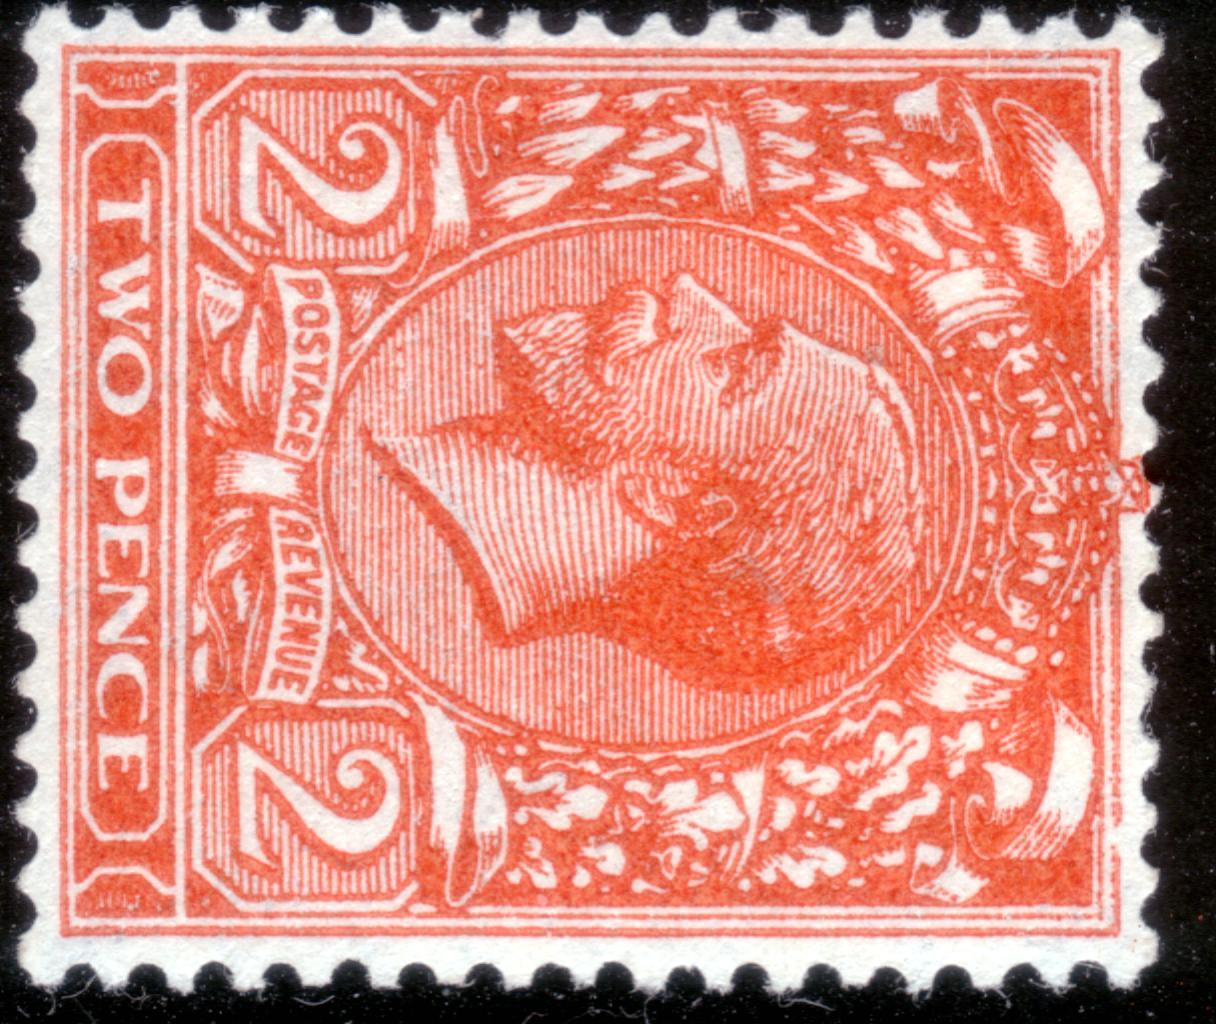 1924 2d Die II Deep Orange Fresh Mint Sideways Wmk Frame Break Variety - SOLD